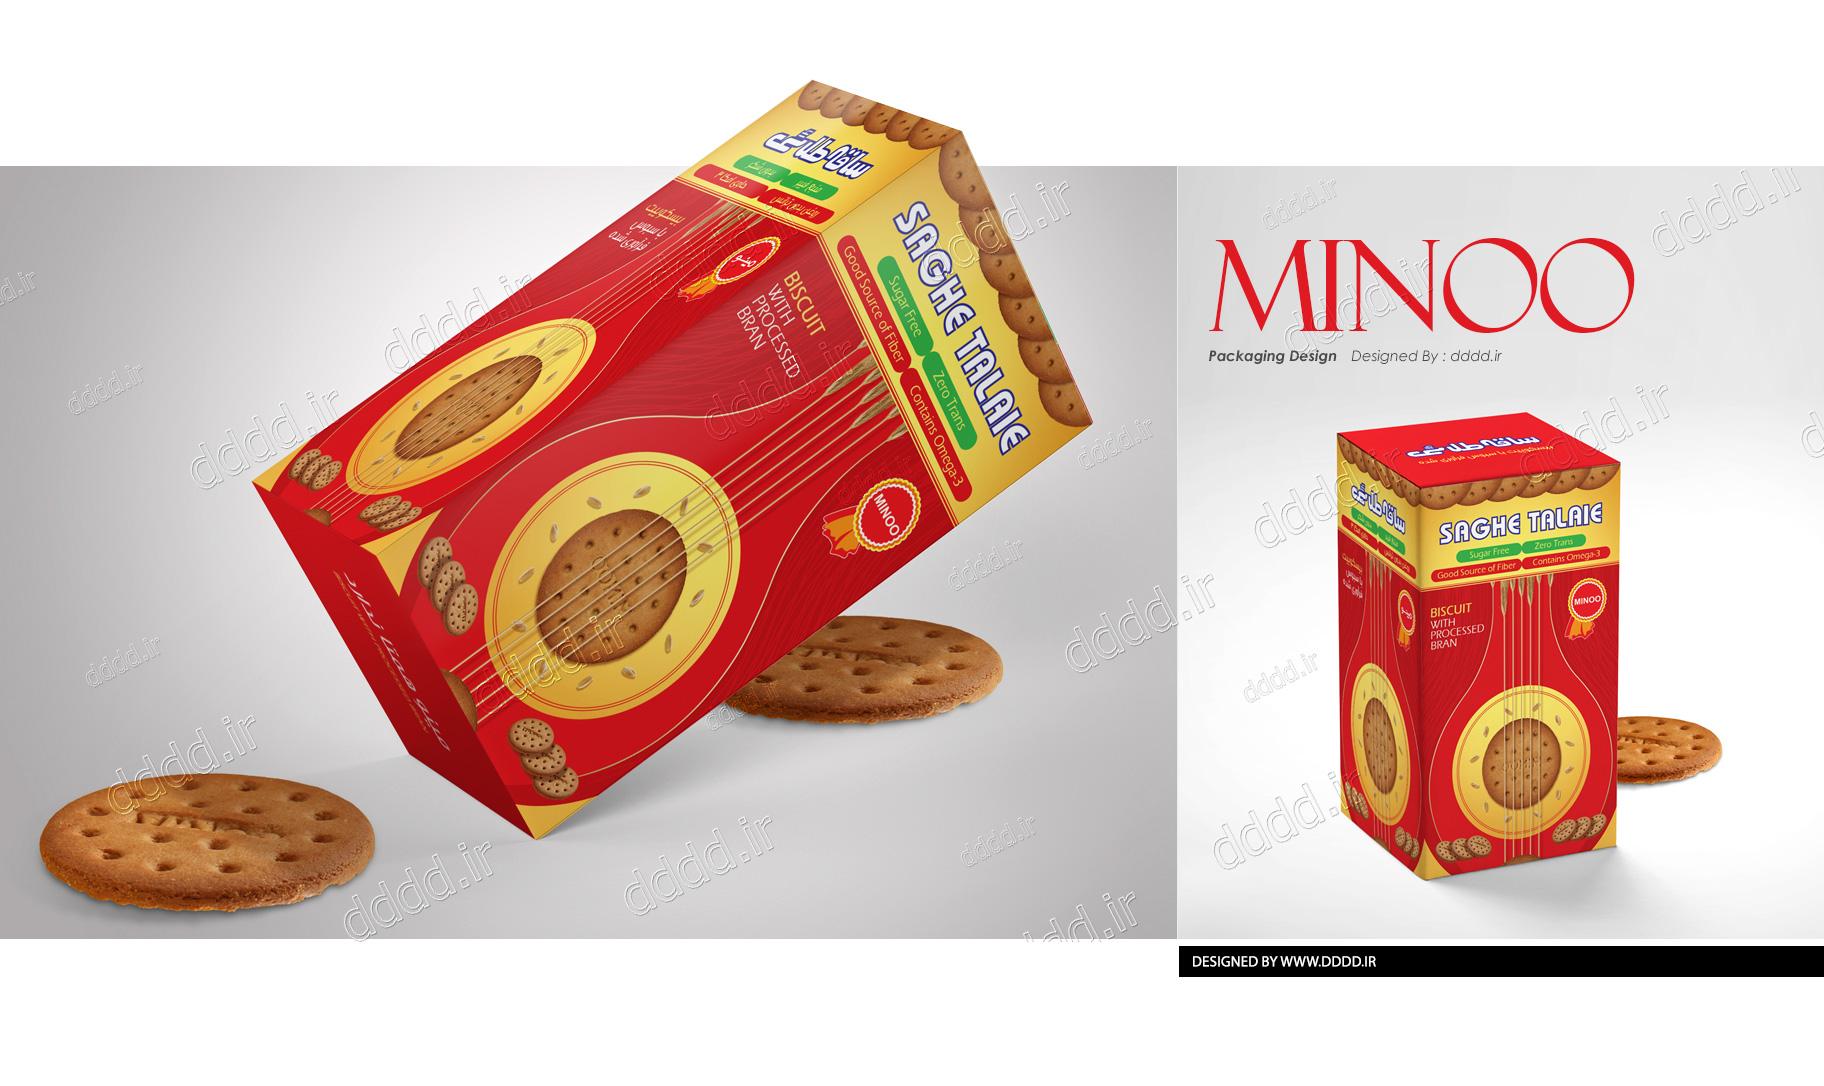 طراحی بسته بندی بیسکوئیت شهد توت ساقه طلایی مینو